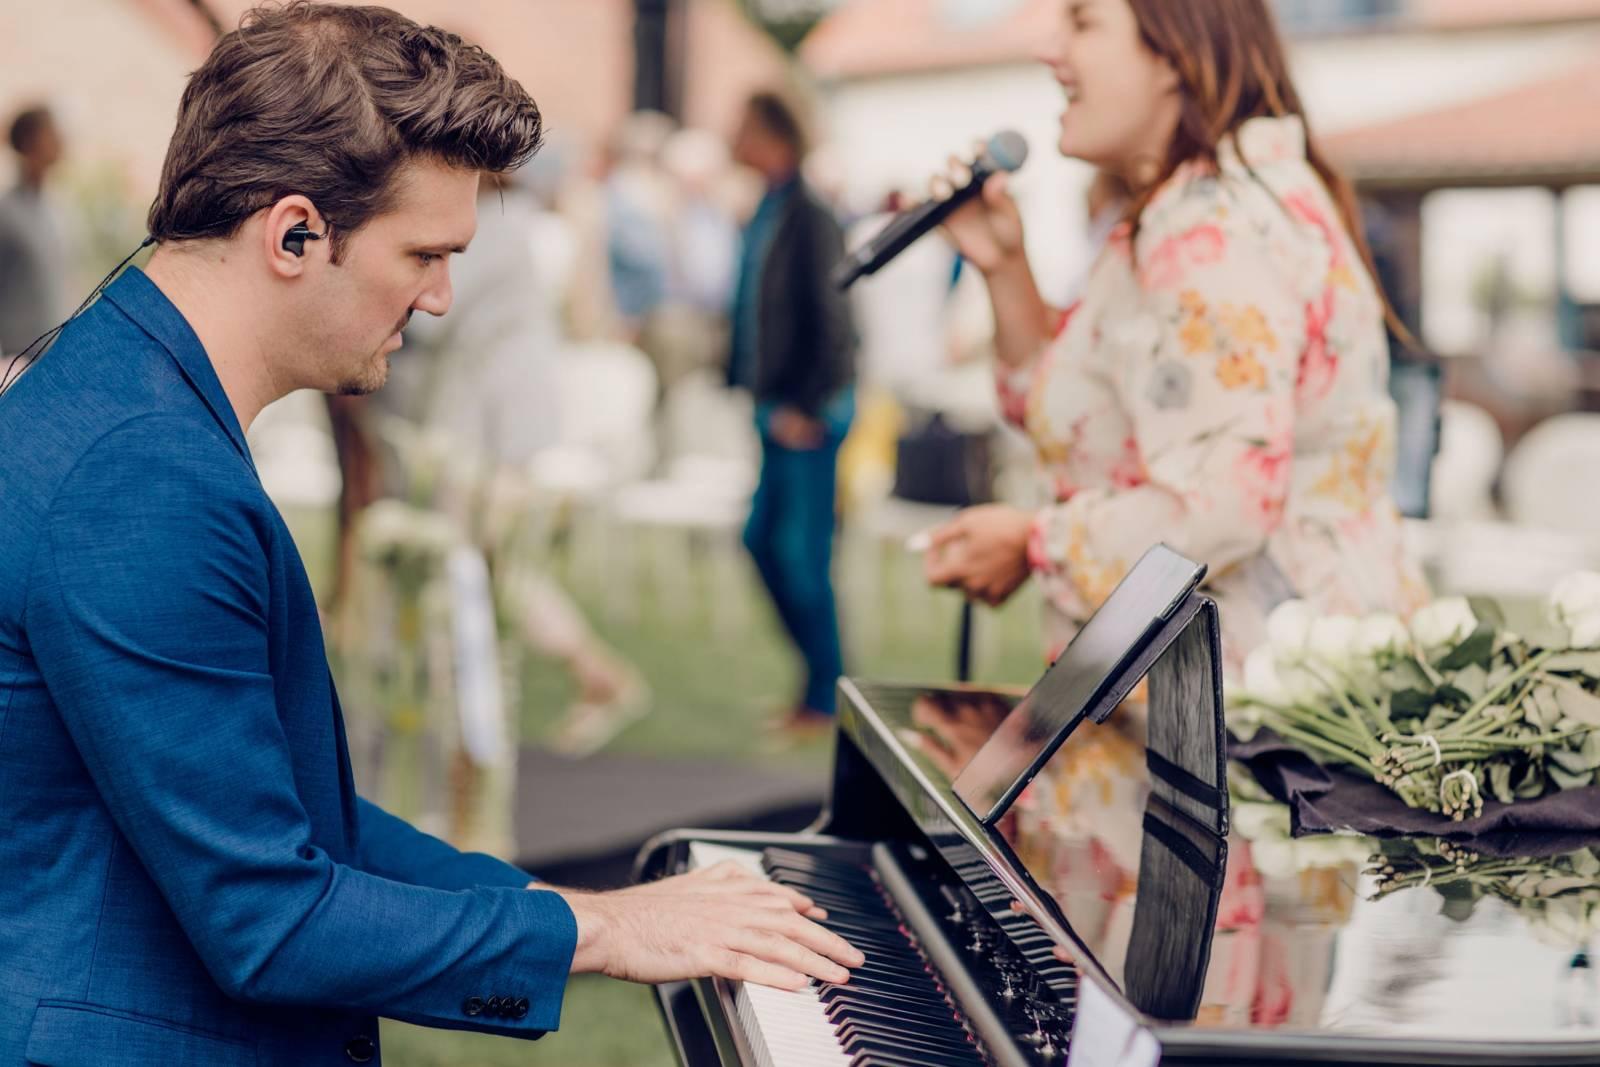 Blueberry Diamond | Livemuziek | House of Weddings - 2